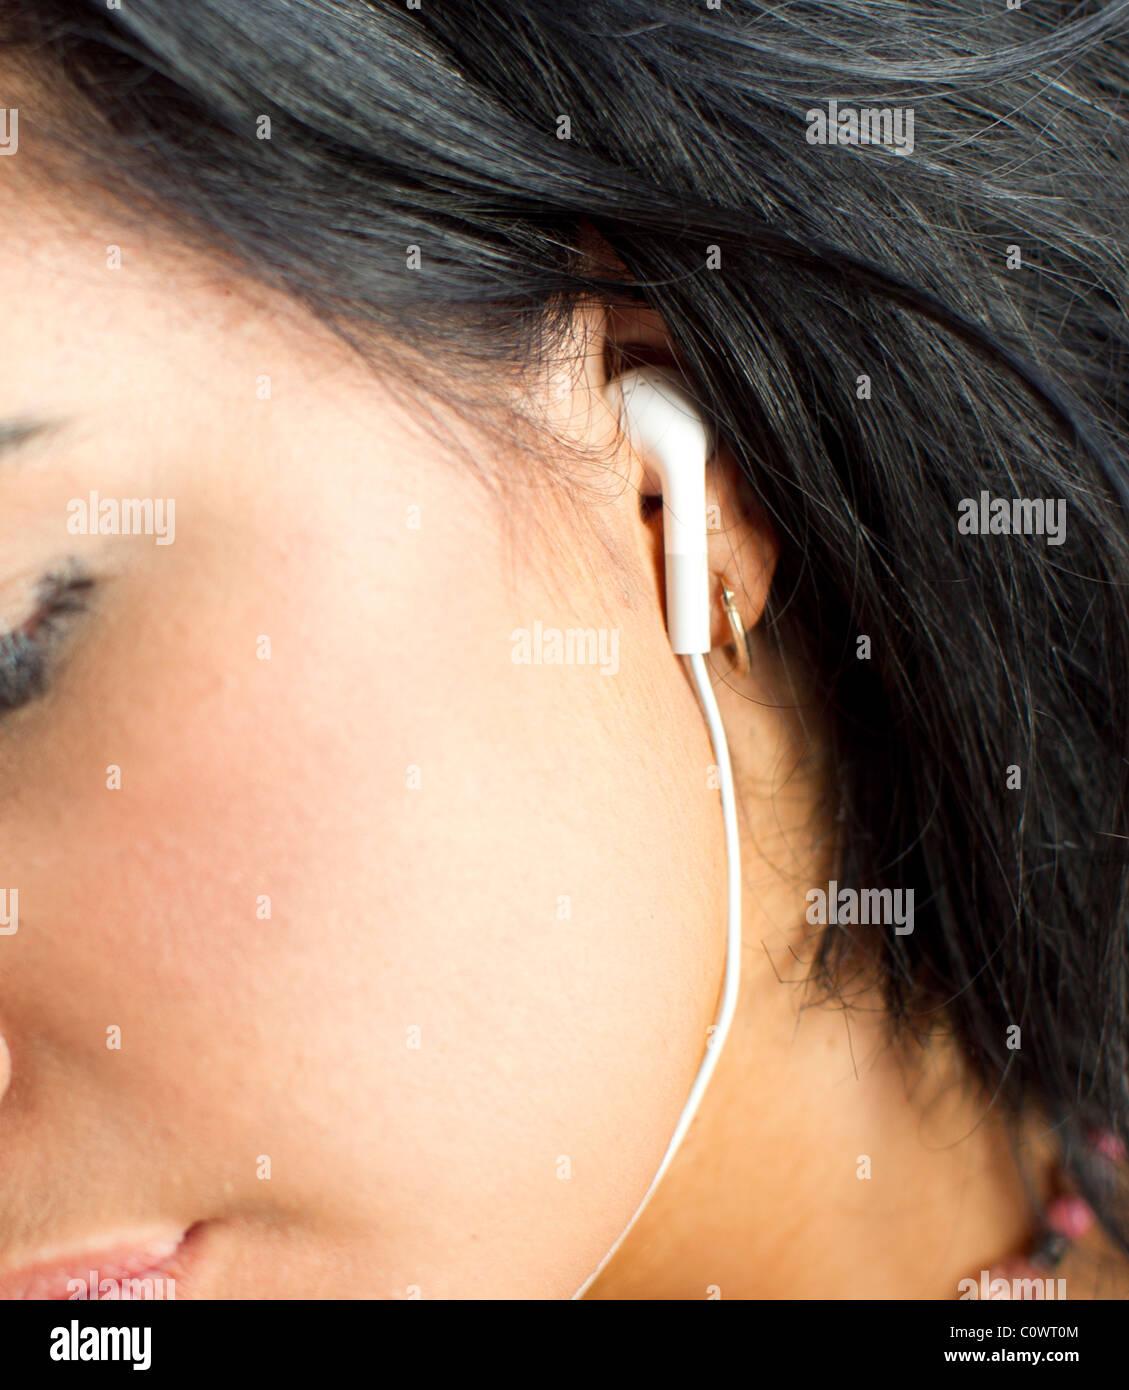 Girl wearing earphones - Stock Image